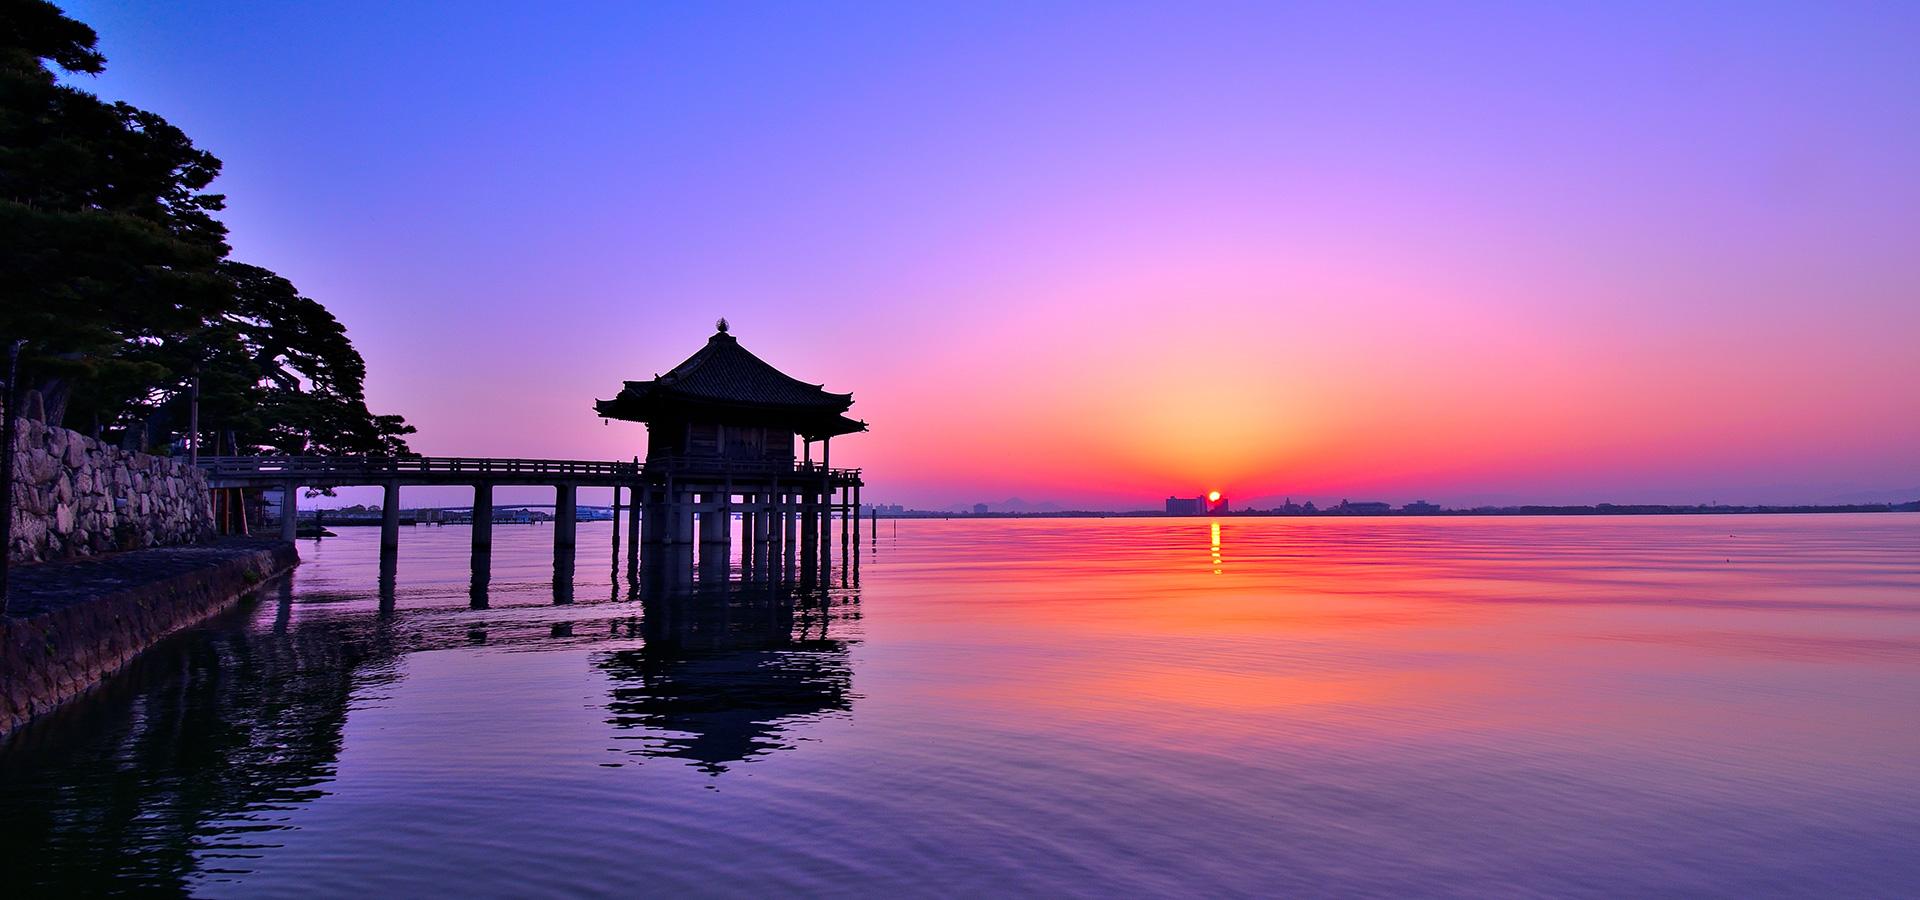 Ukimido (floating temple)